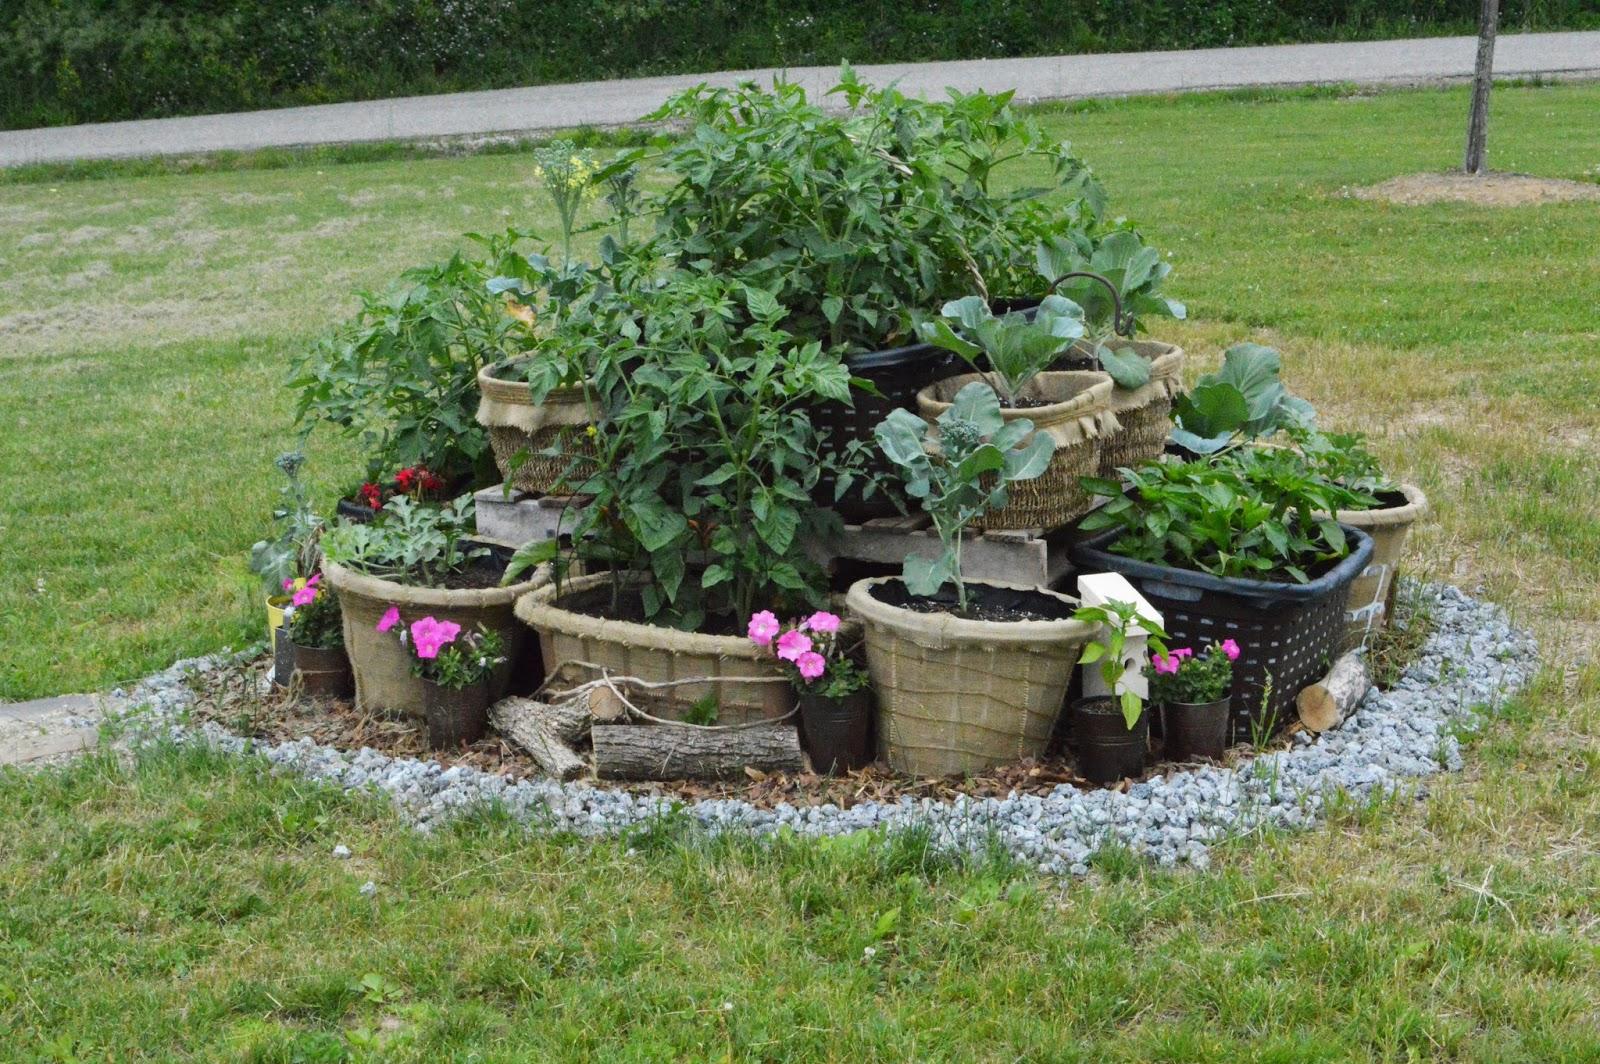 The chic burlap boutique blog laundry basket gardening how to laundry basket gardening izmirmasajfo